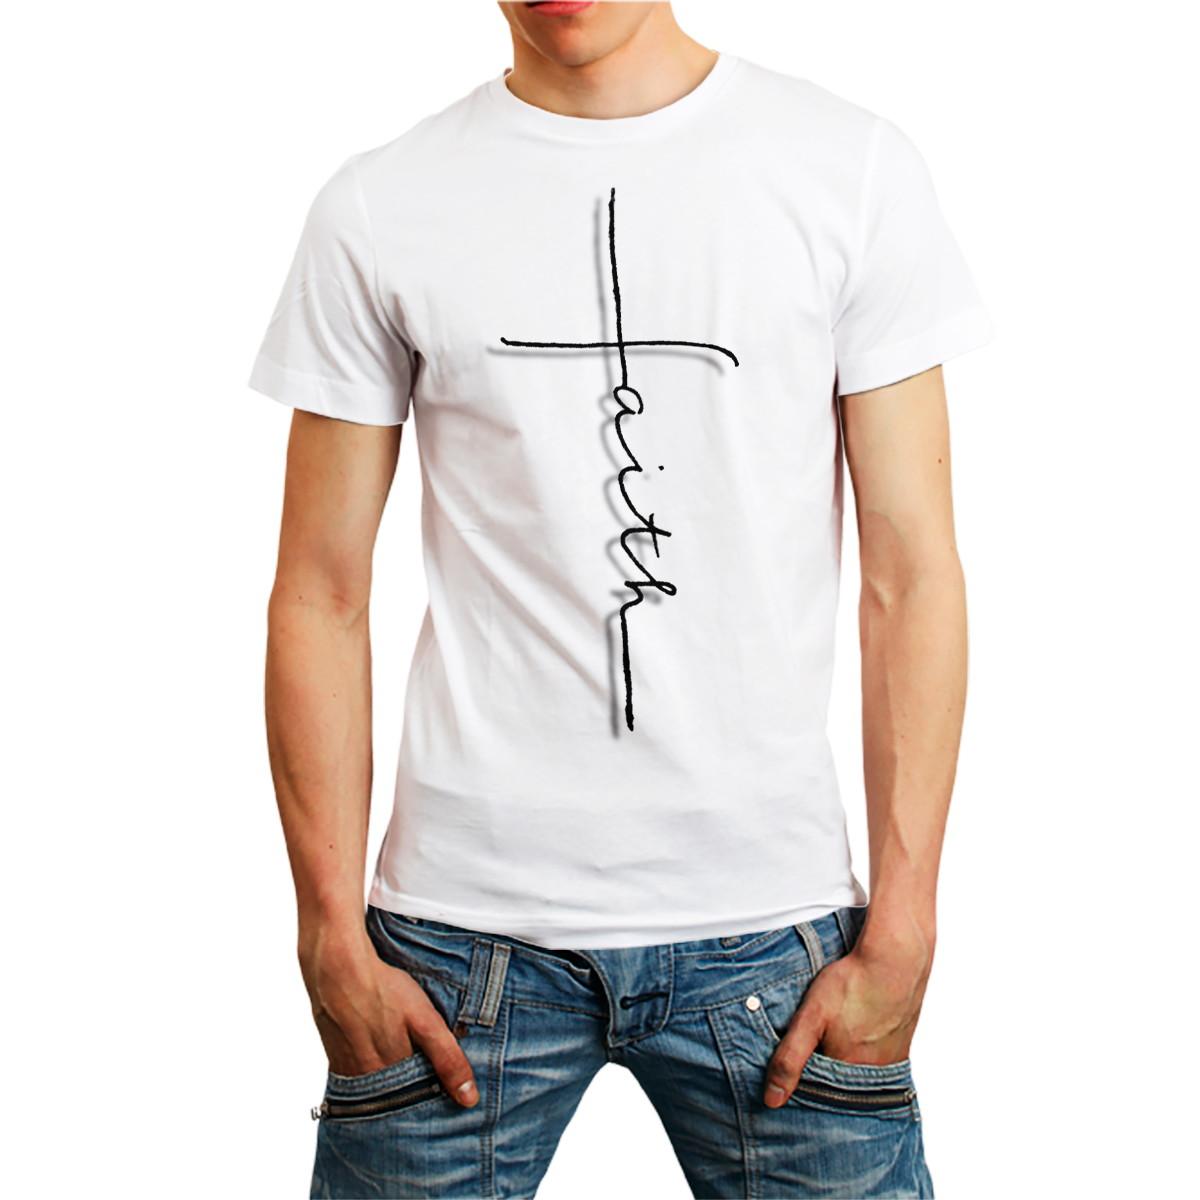 Camiseta Fé Faith Camisa Evangélica católica T-shirt Branca no Elo7 ... 539d8074bb3